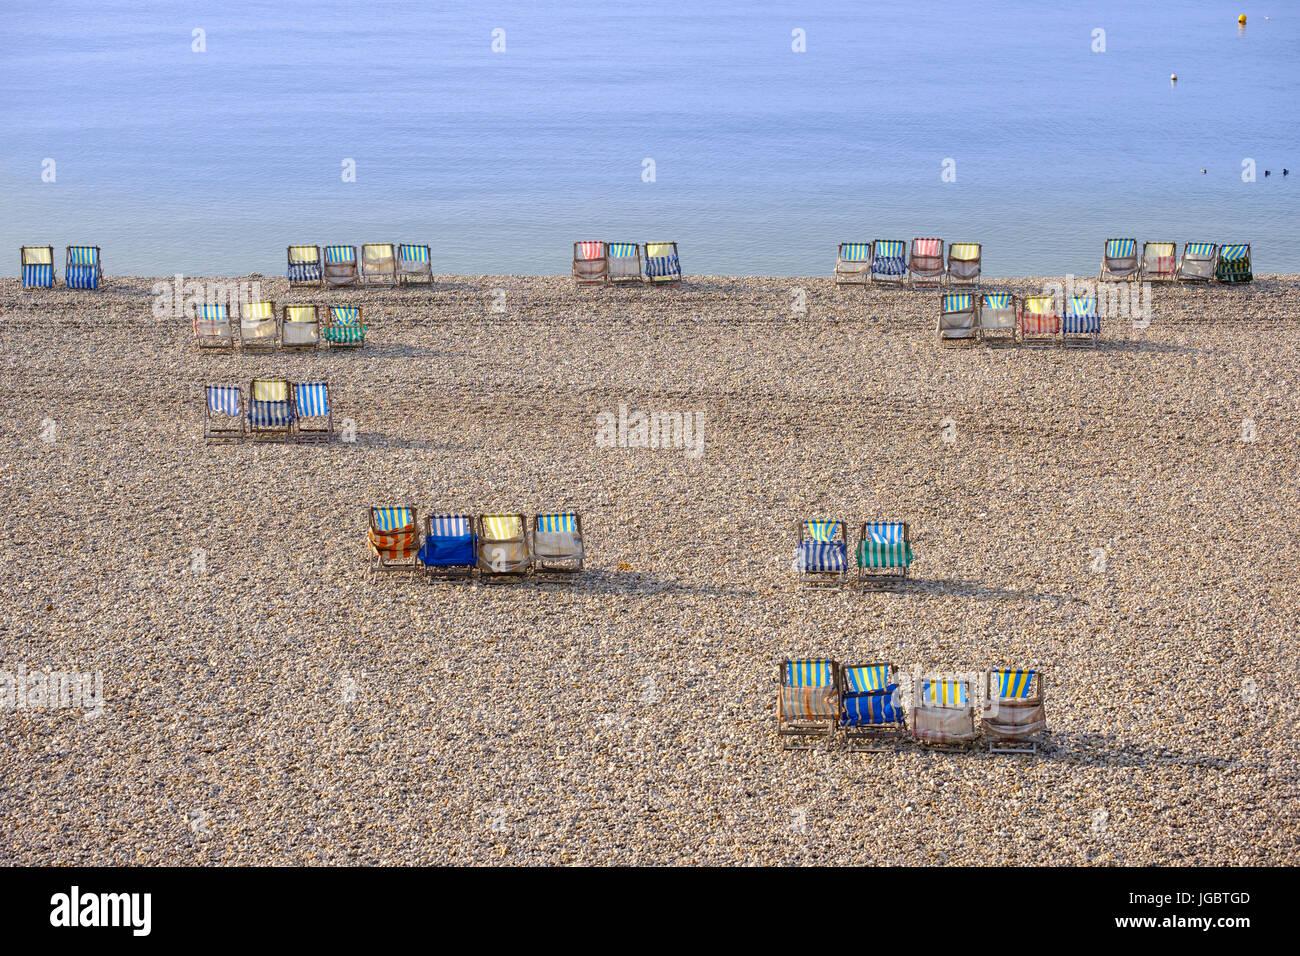 Chaises en toile colorée à la plage de galets, de la bière, de la Côte Jurassique, Devon, Angleterre, Photo Stock